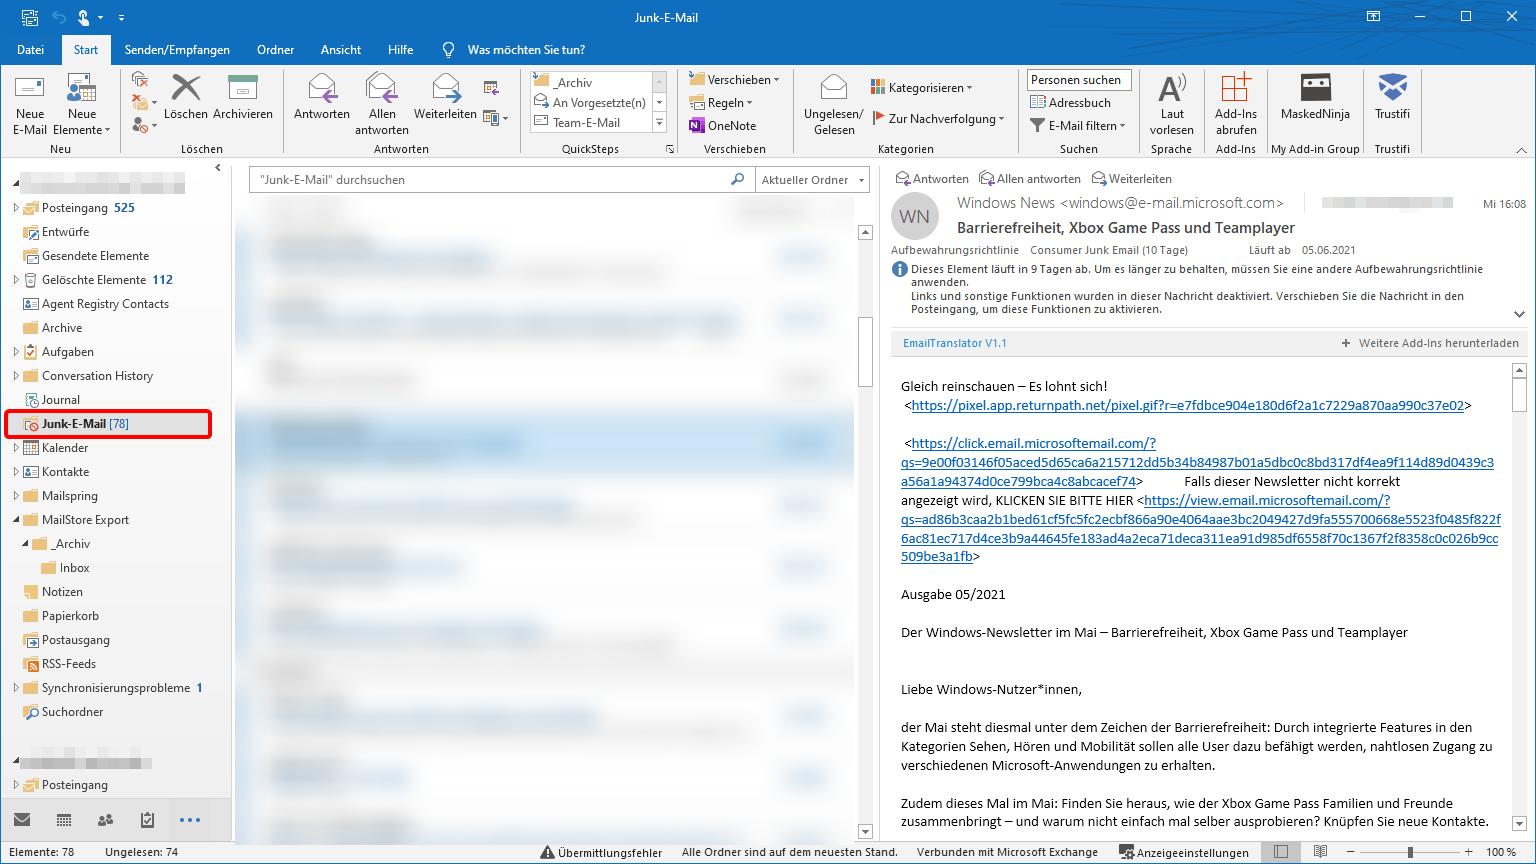 Outlook zeigt neue Mails nicht - Spam-Ordner prüfen